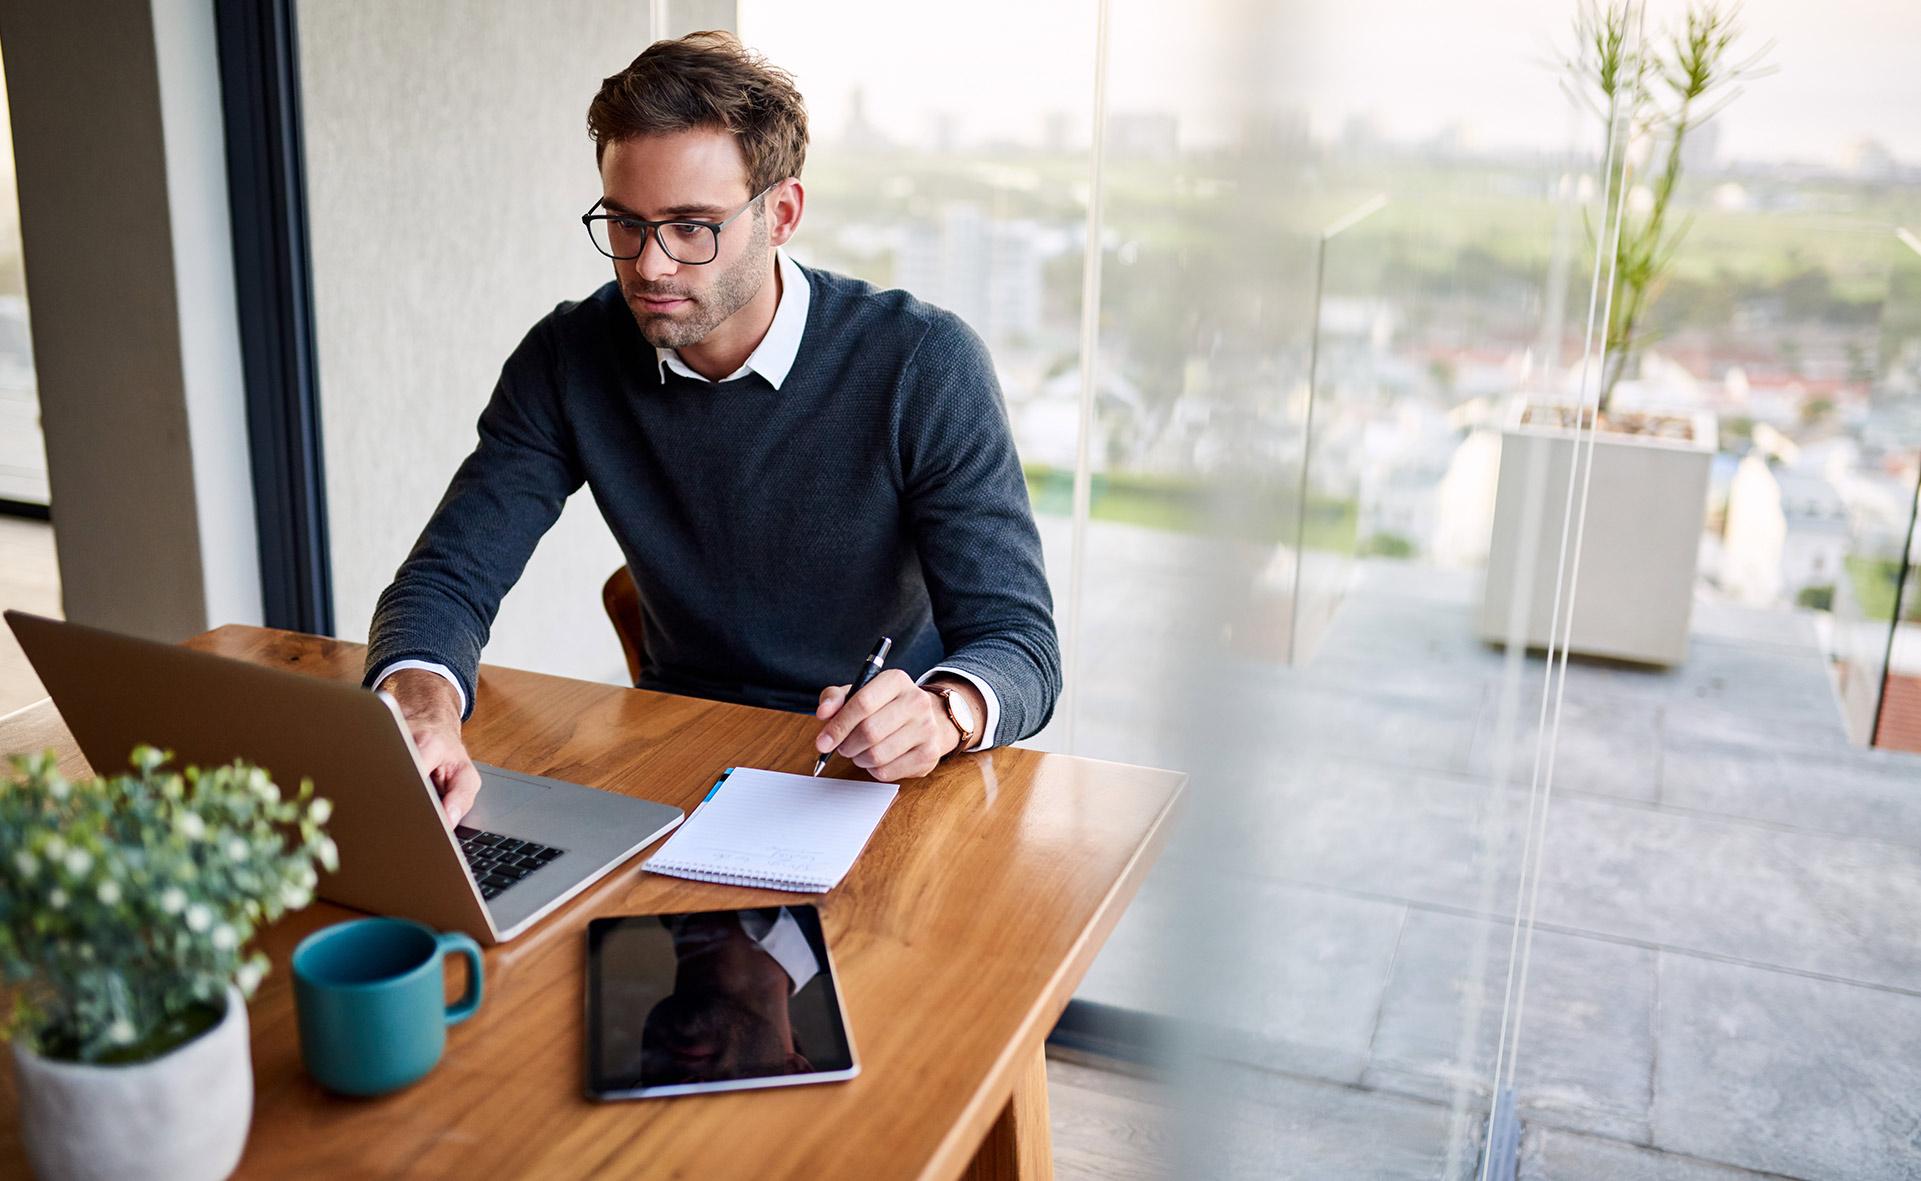 Hot-desking-trabajo-empresa-mesas-calientes-nueva-tendencia-vuelta-oficinas-empleo-app-sitios-teletrabajo-interior.jpg